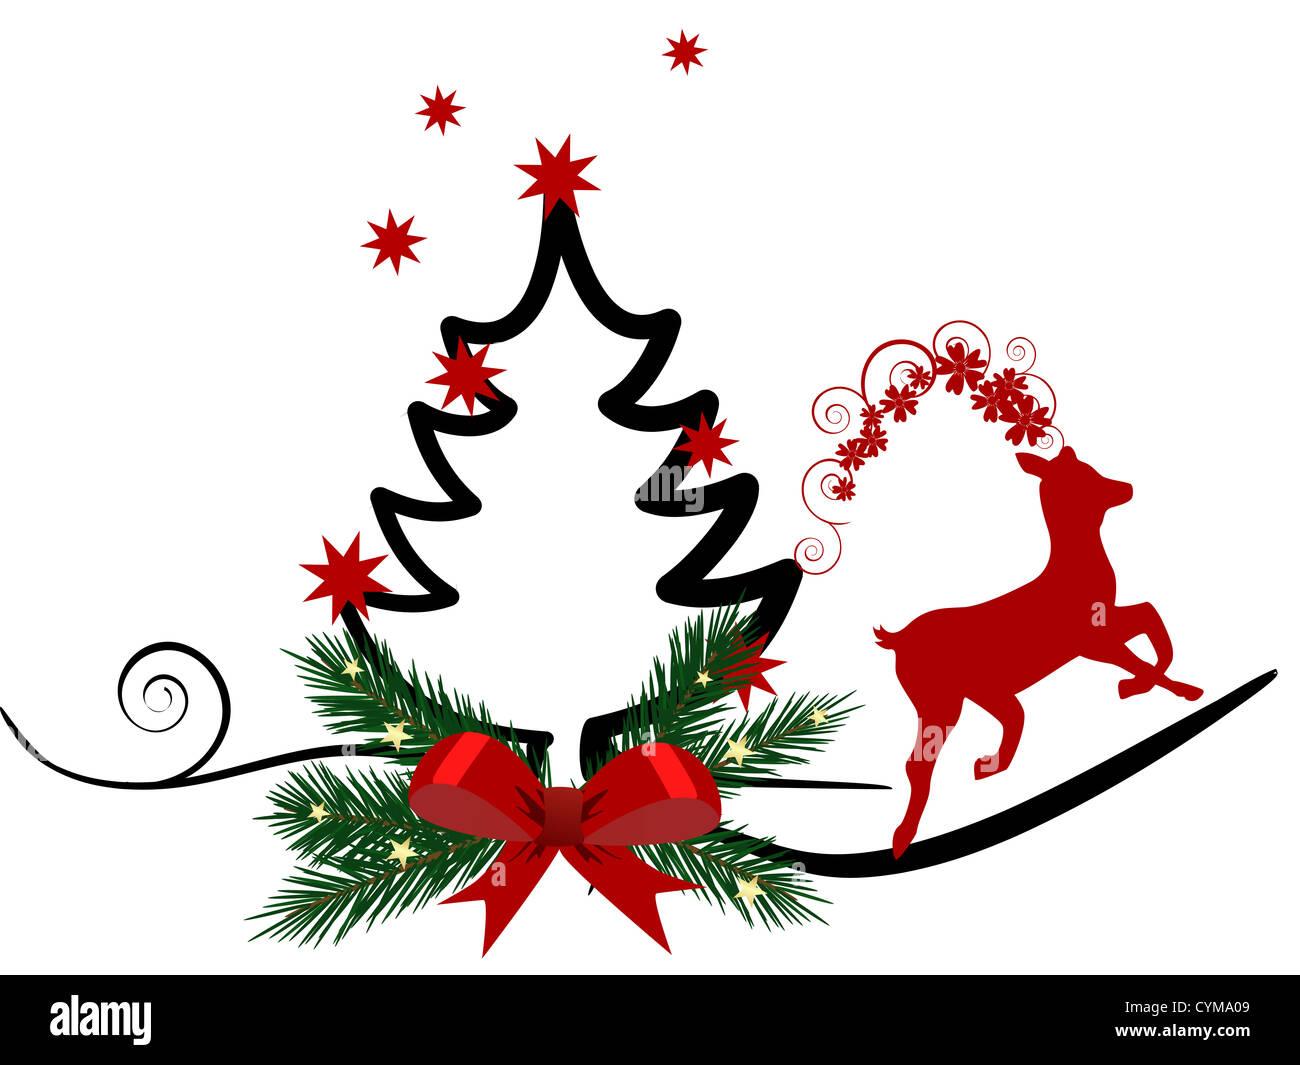 Christmas card - Stock Image